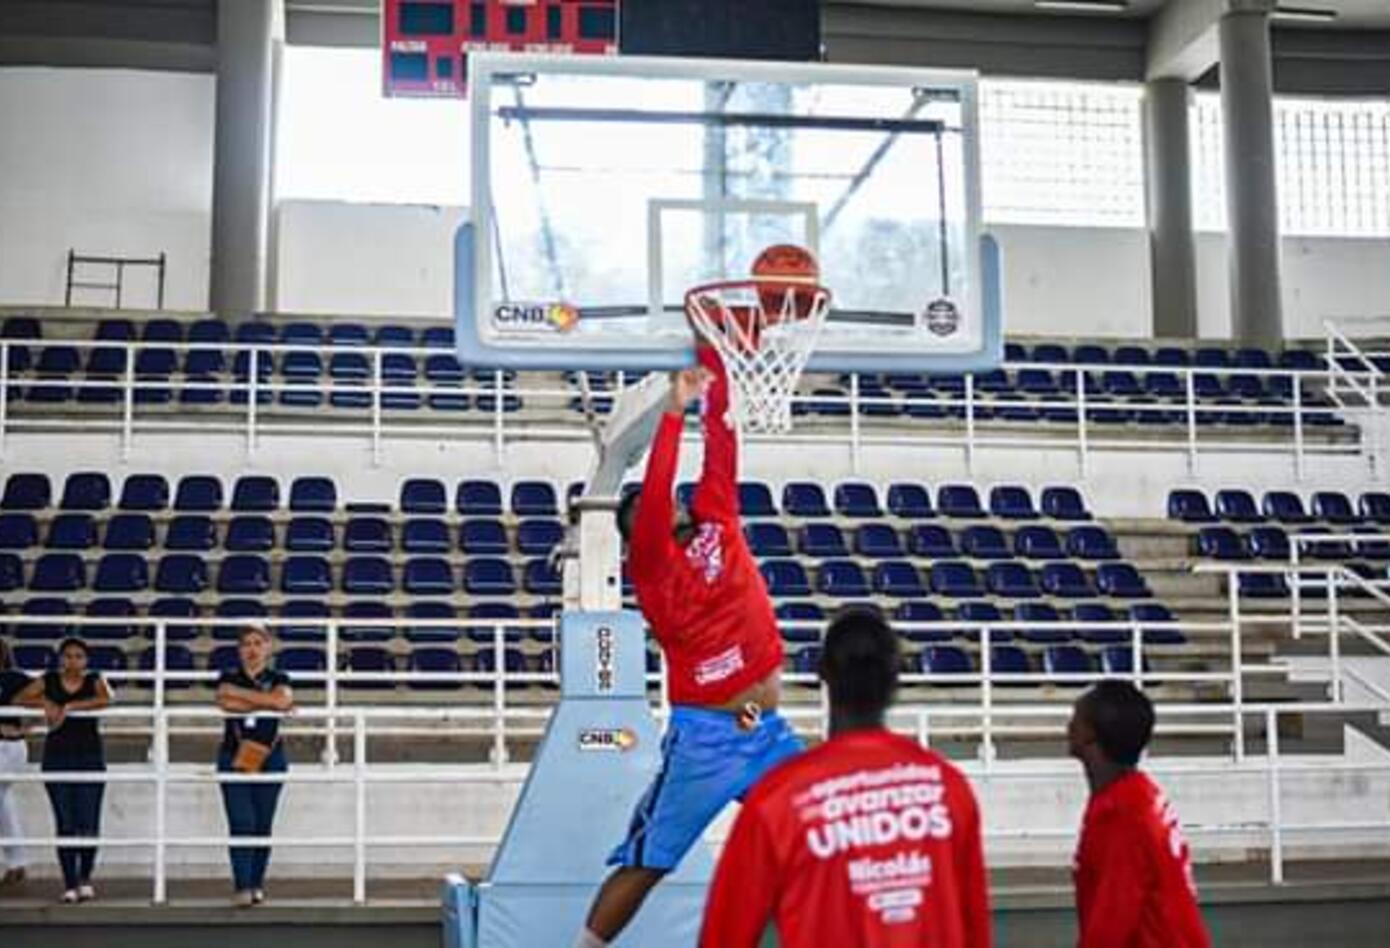 Escenario deportivo de San Andrés